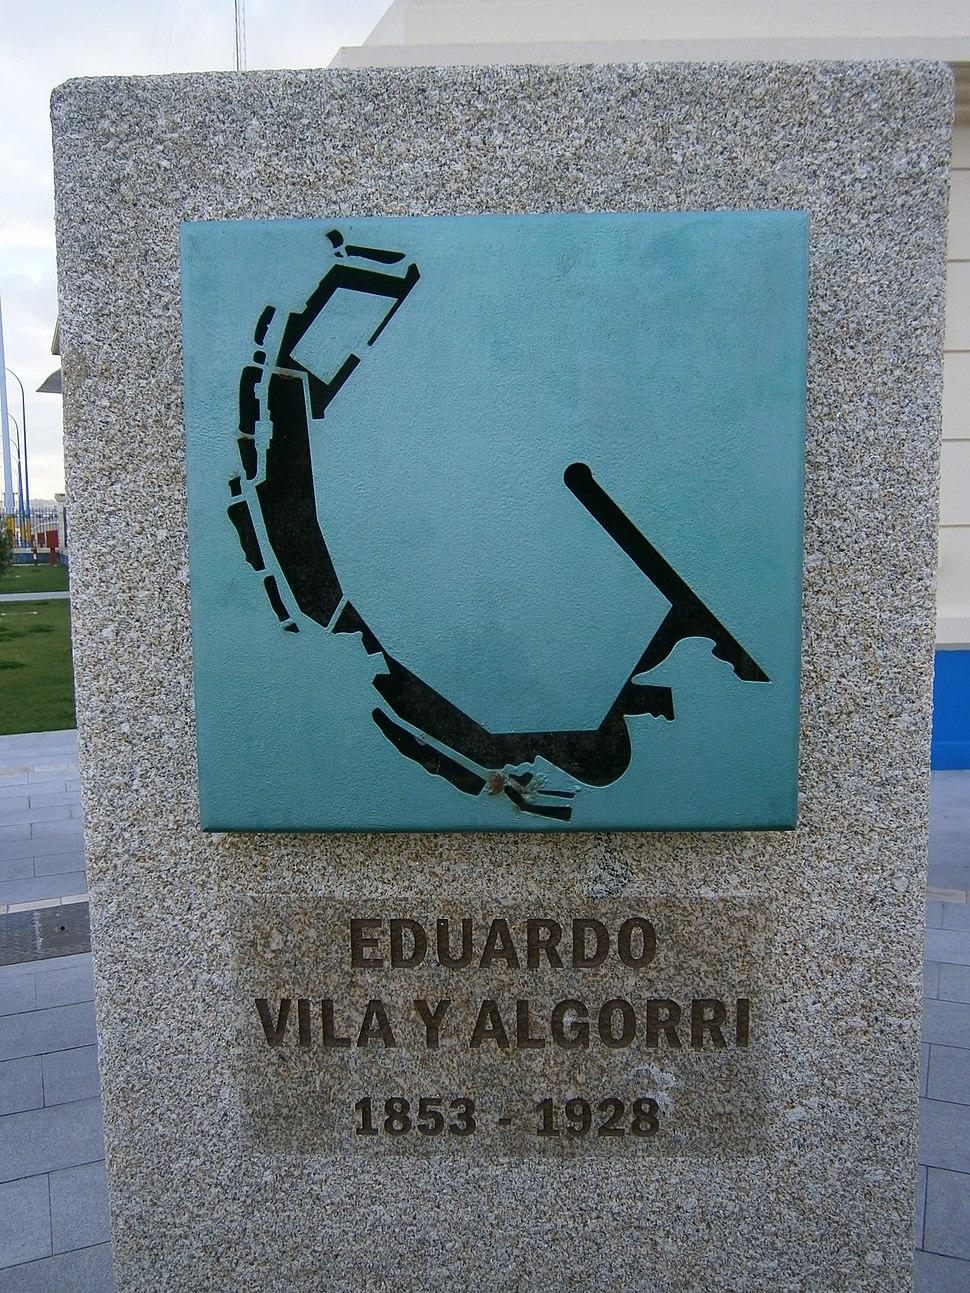 Porto - Eduardo Vila